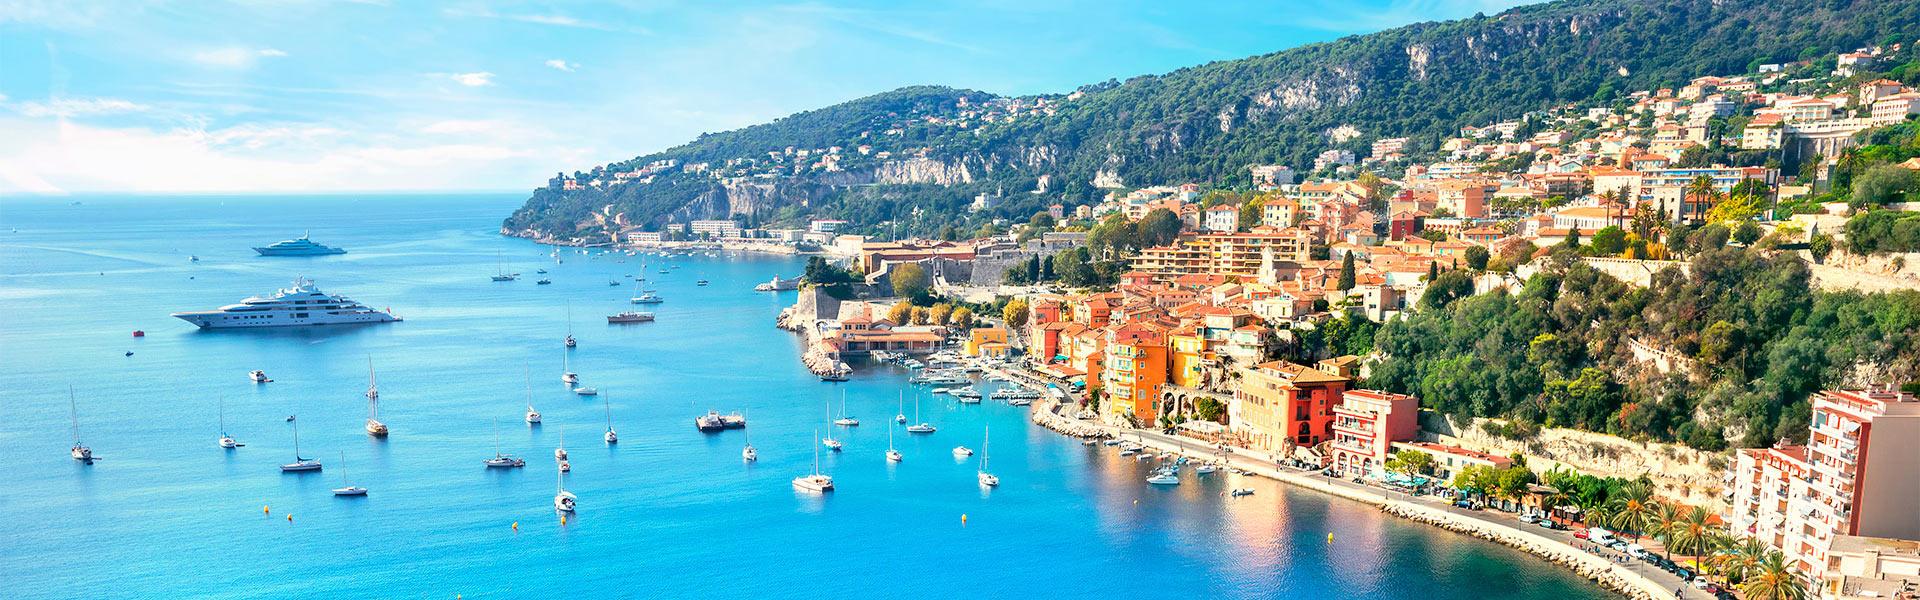 Camping De Middellandse Zee